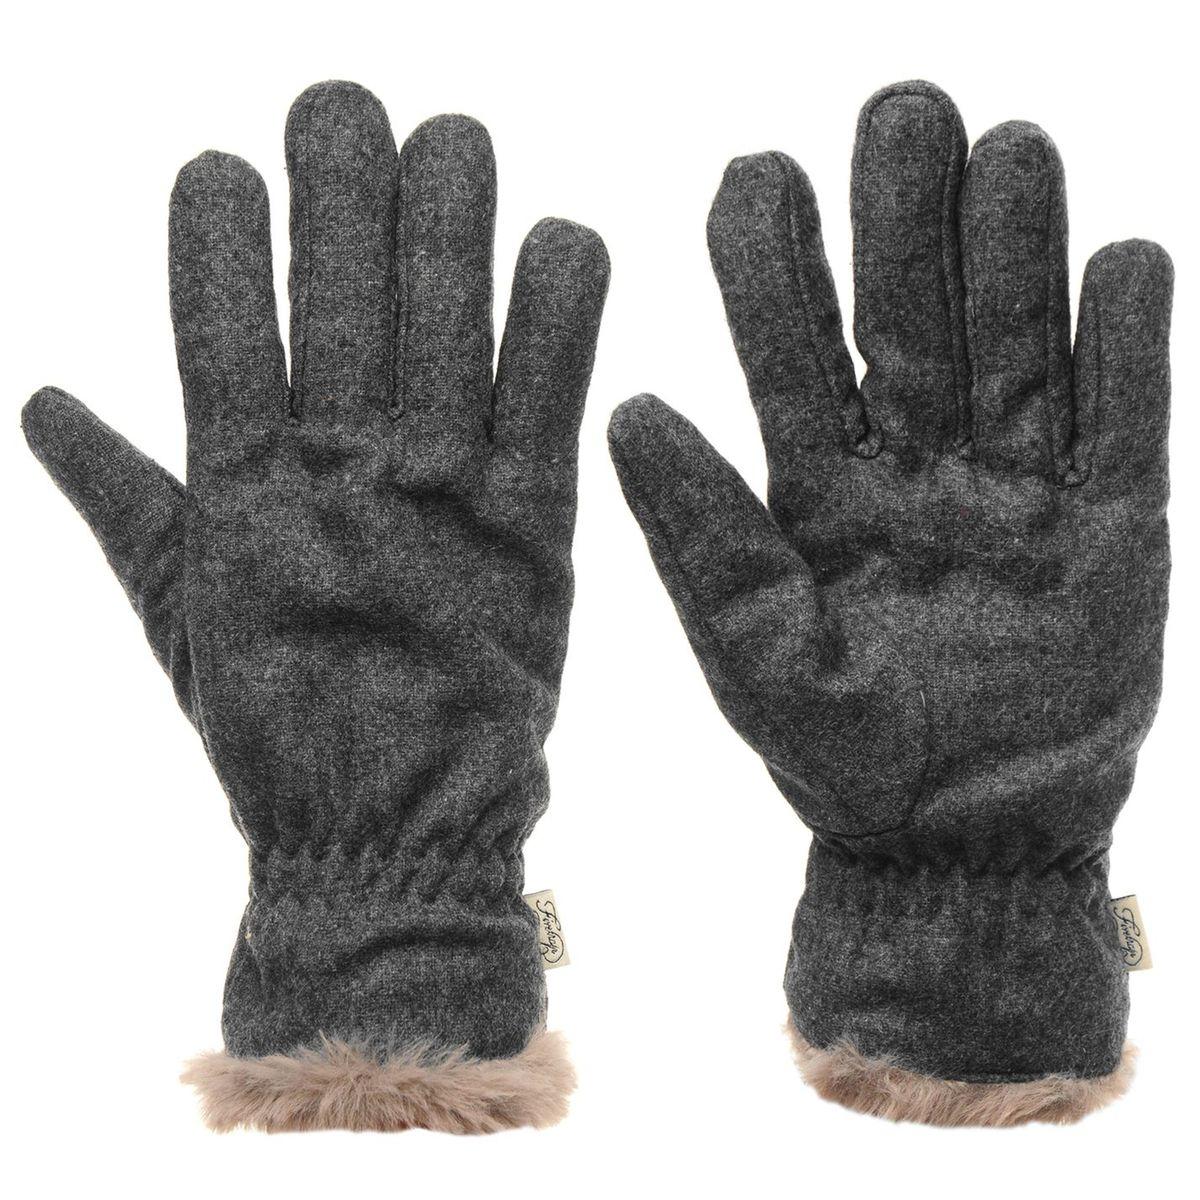 Gants d'hiver tricotés tricot